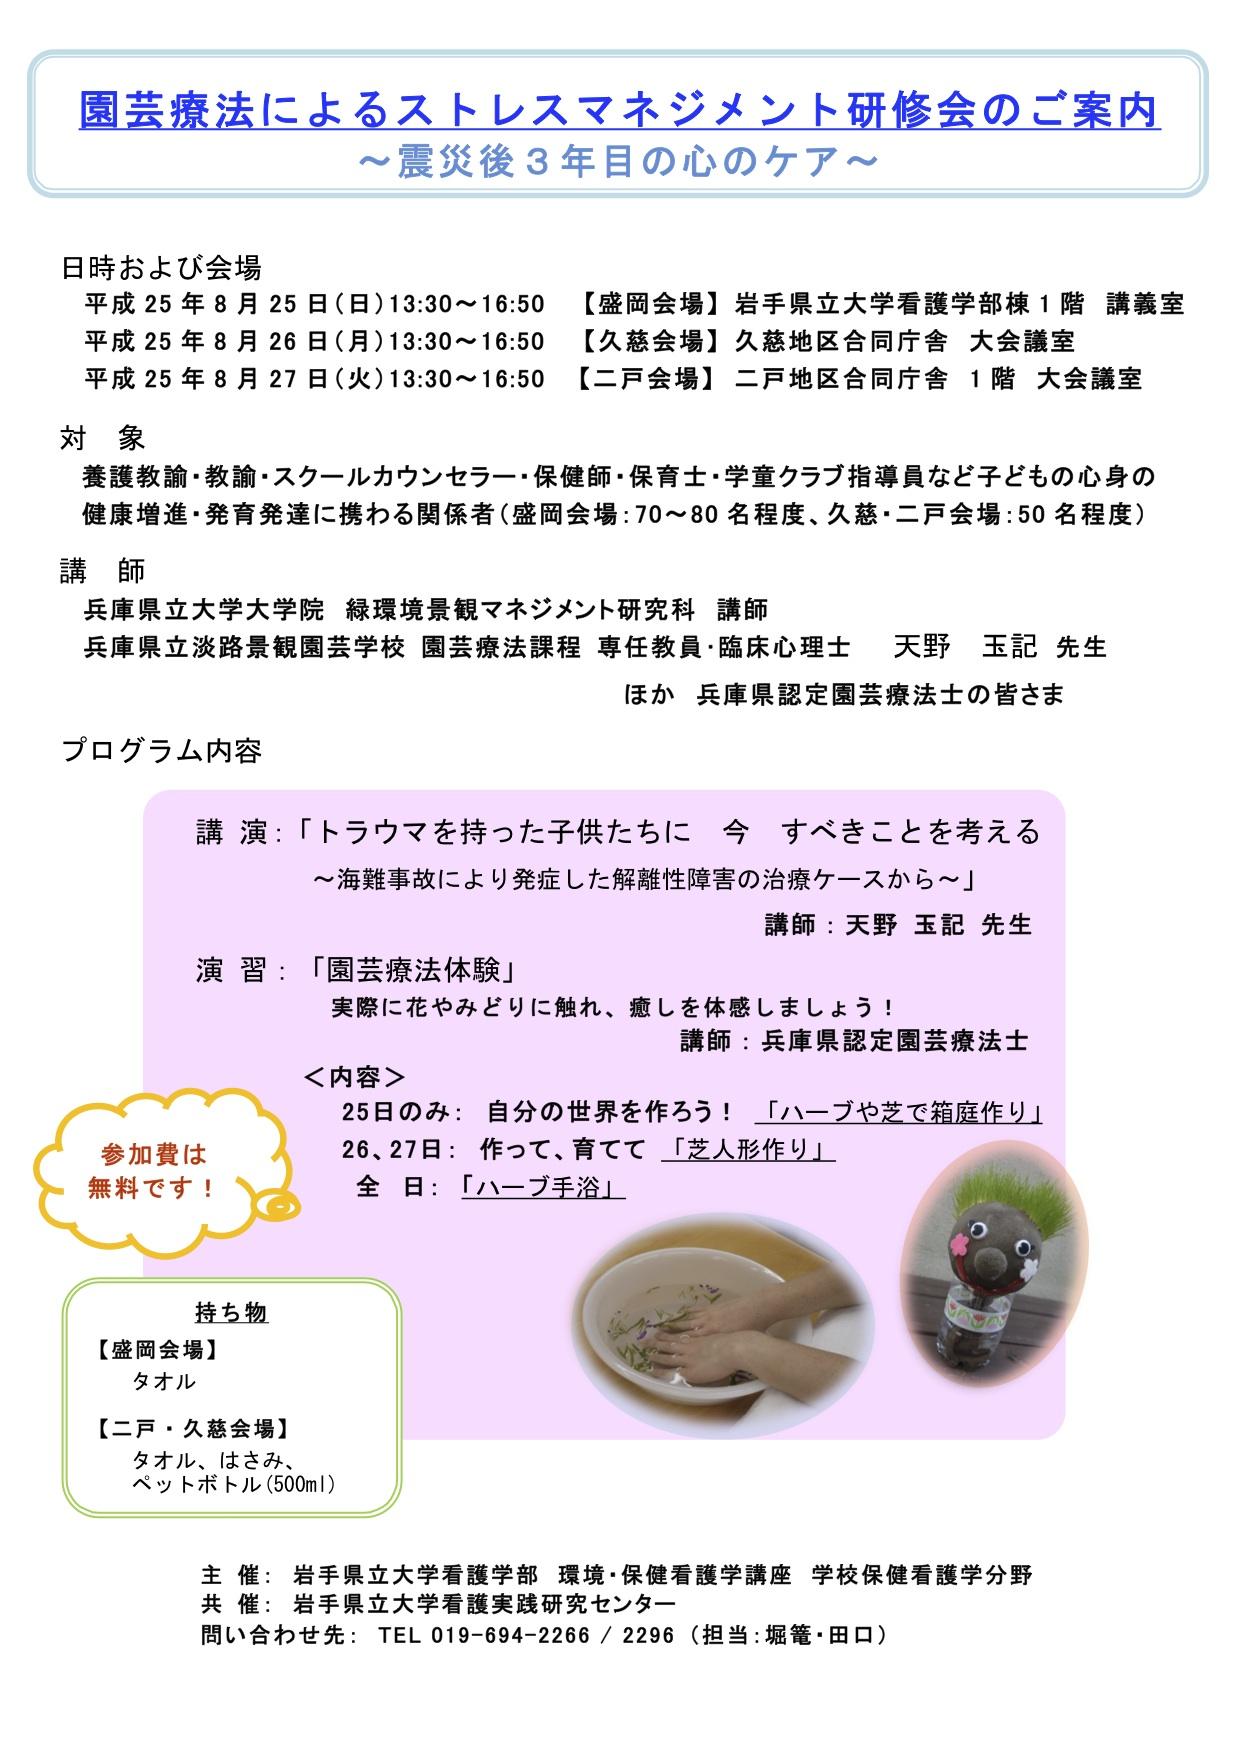 園芸療法によるストレスマネジメント研修会のご案内 _a0103650_2294116.jpg